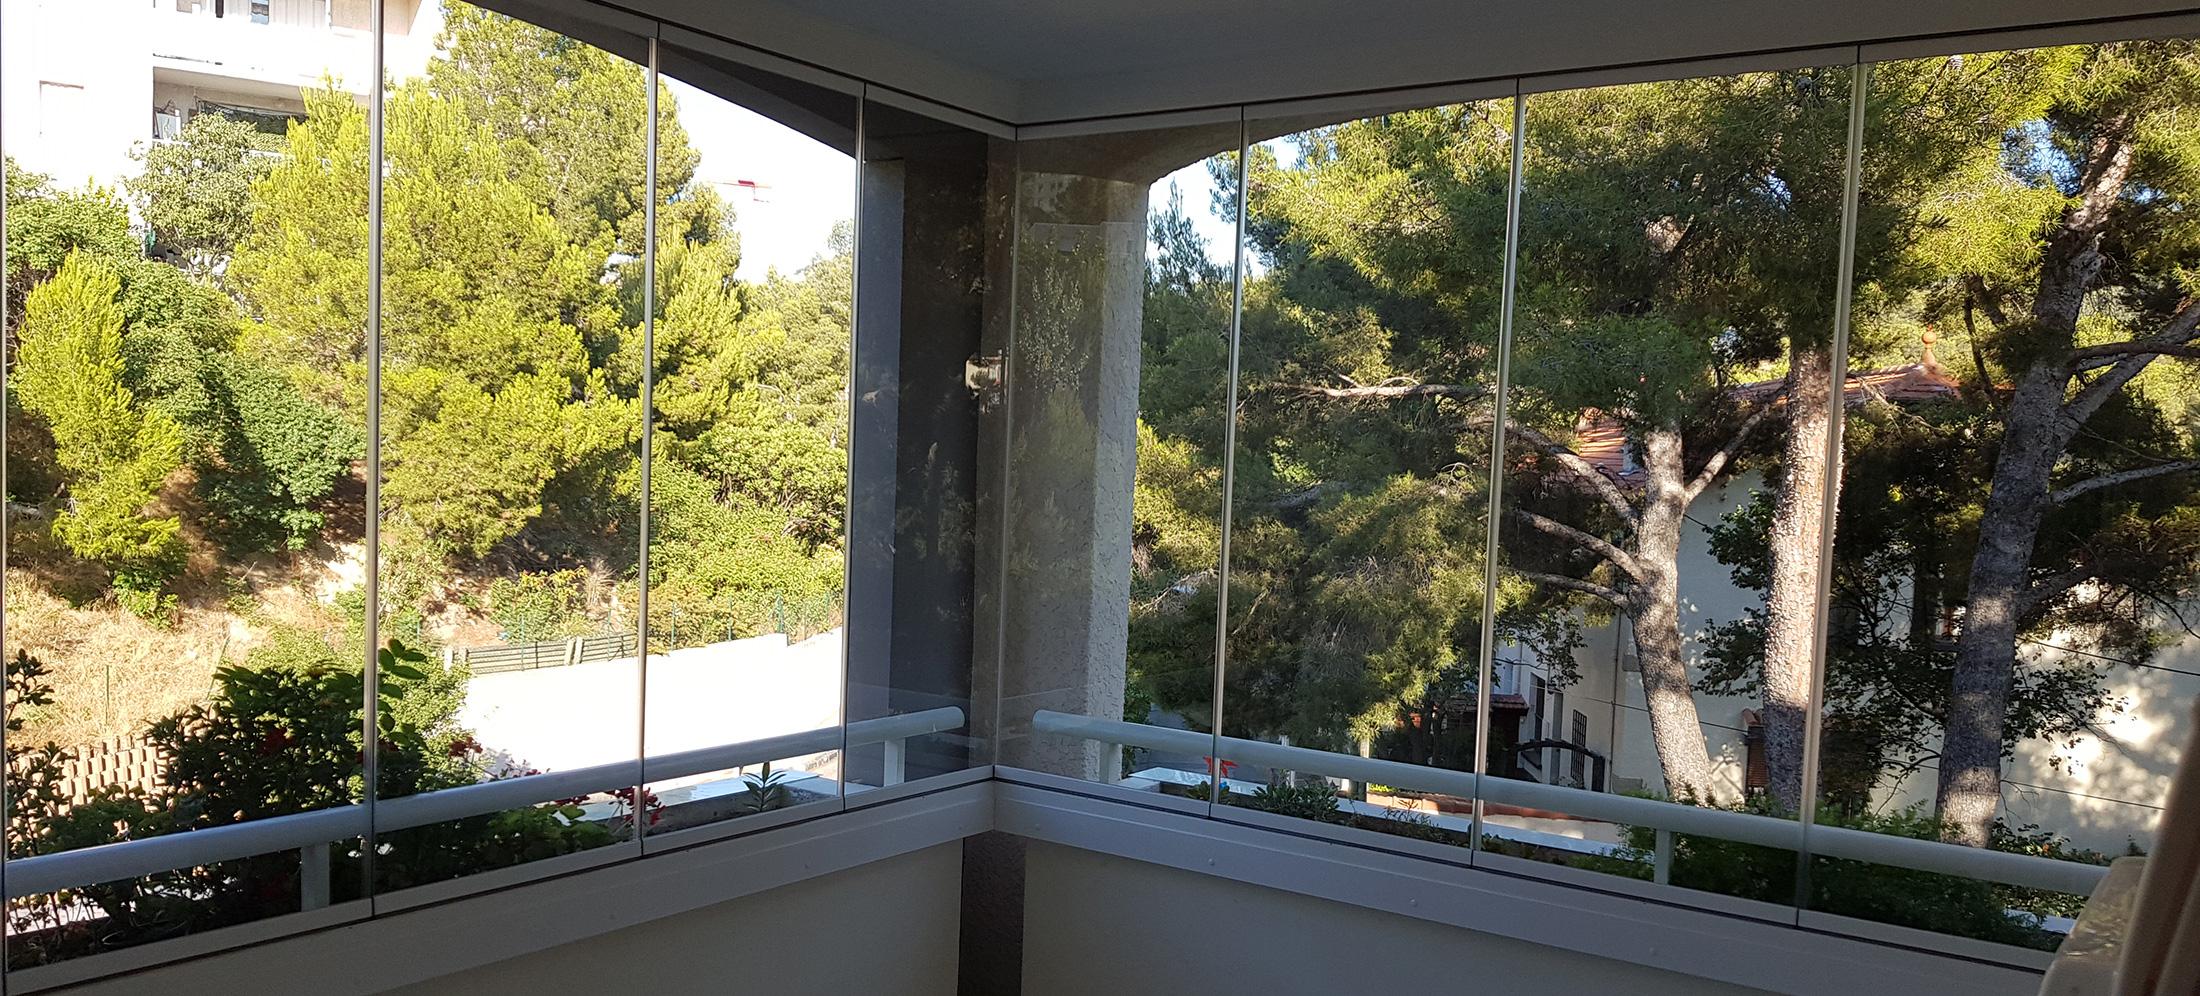 Fermeture De Balcon En Angle Par Un Rideau De Verre À pour Rideau De Verre Pour Balcon